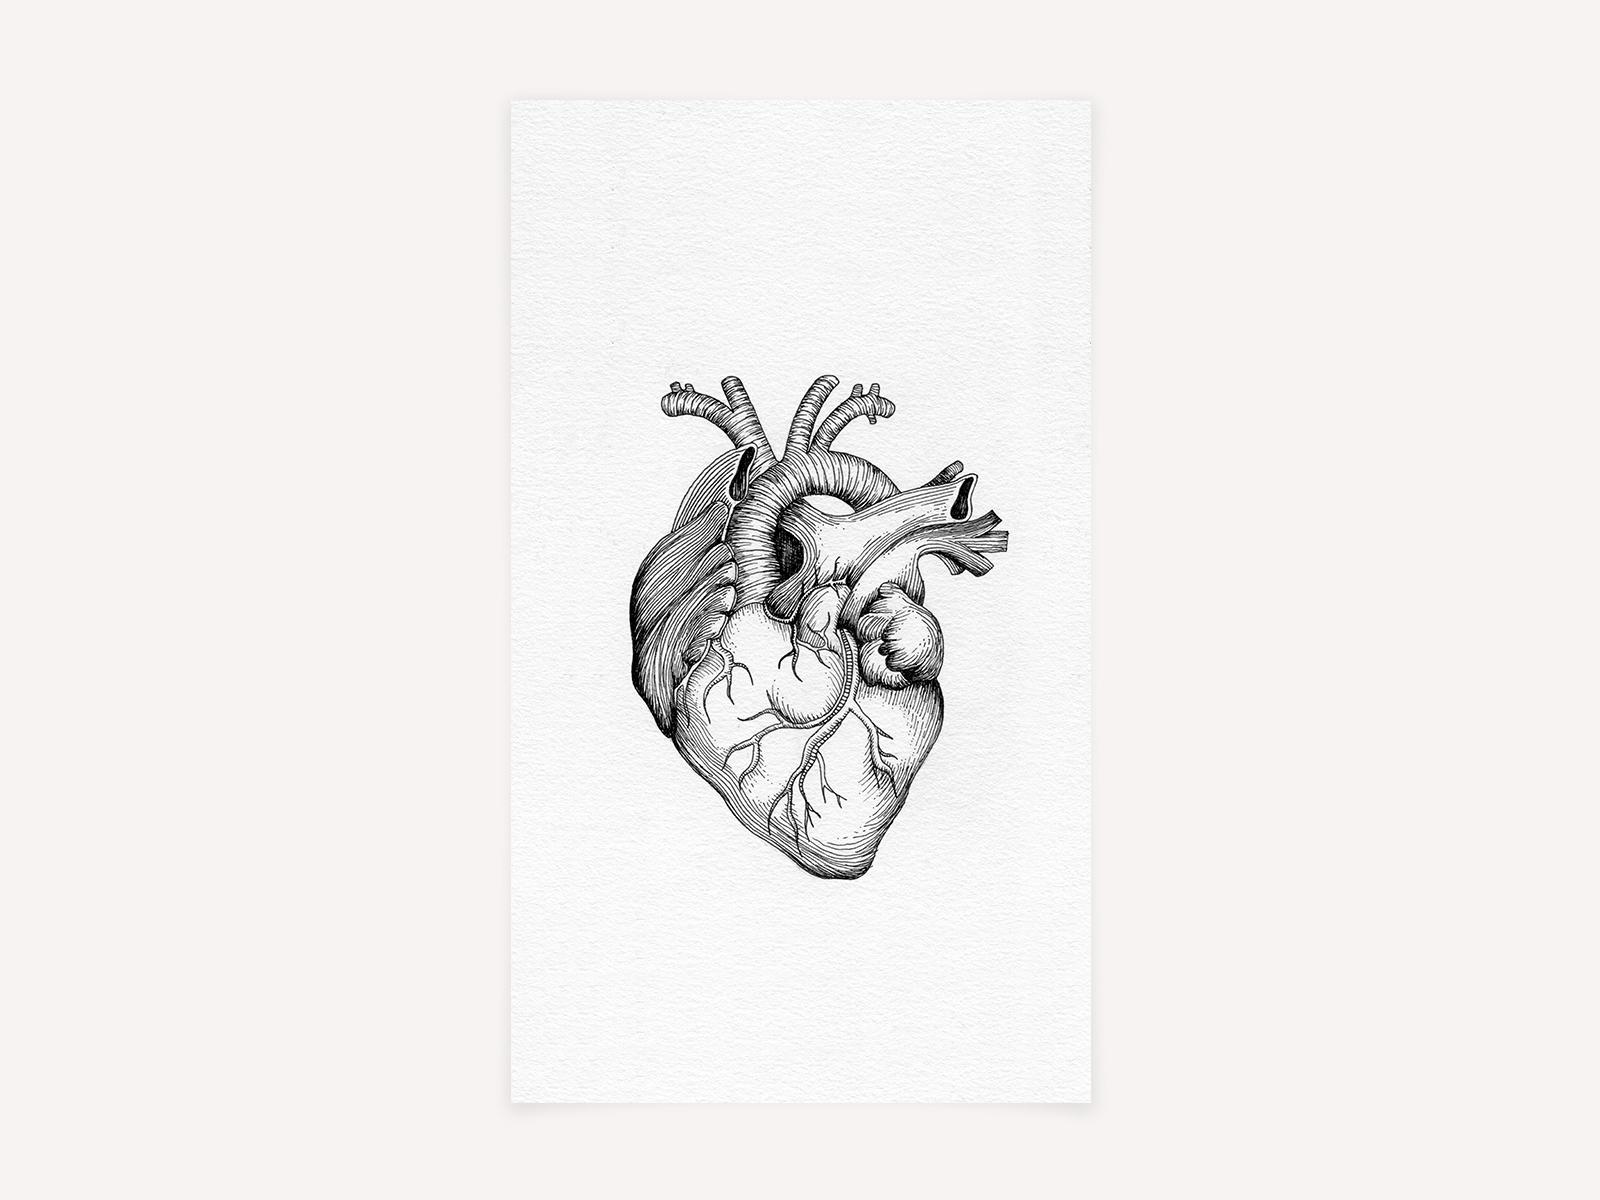 Heartbeat_Ink_5.25x9.jpg